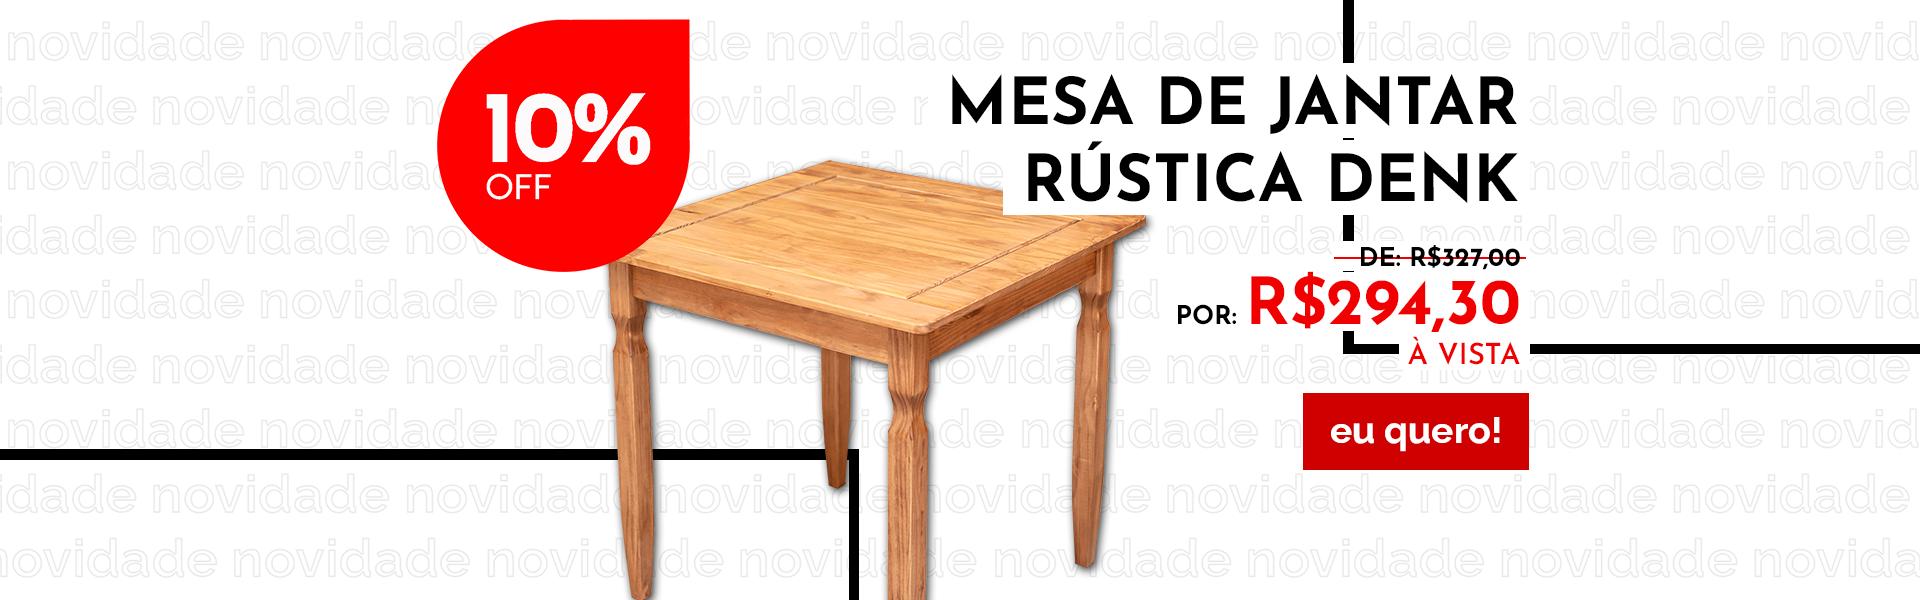 Mesa-de-jantar-rustica-Denk